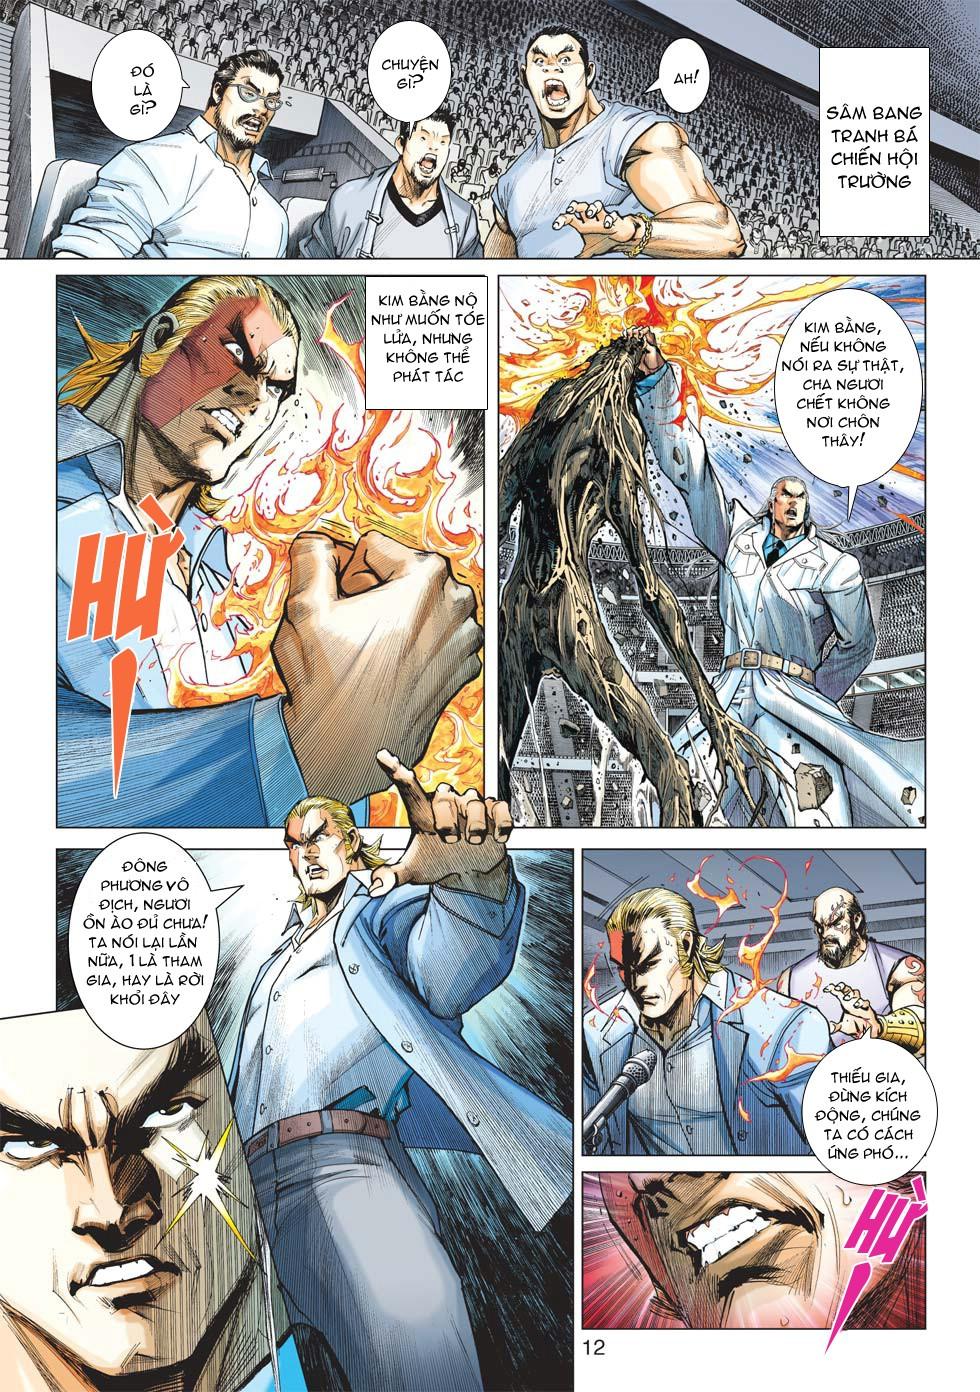 Vương Phong Lôi 1 chap 27 - Trang 11